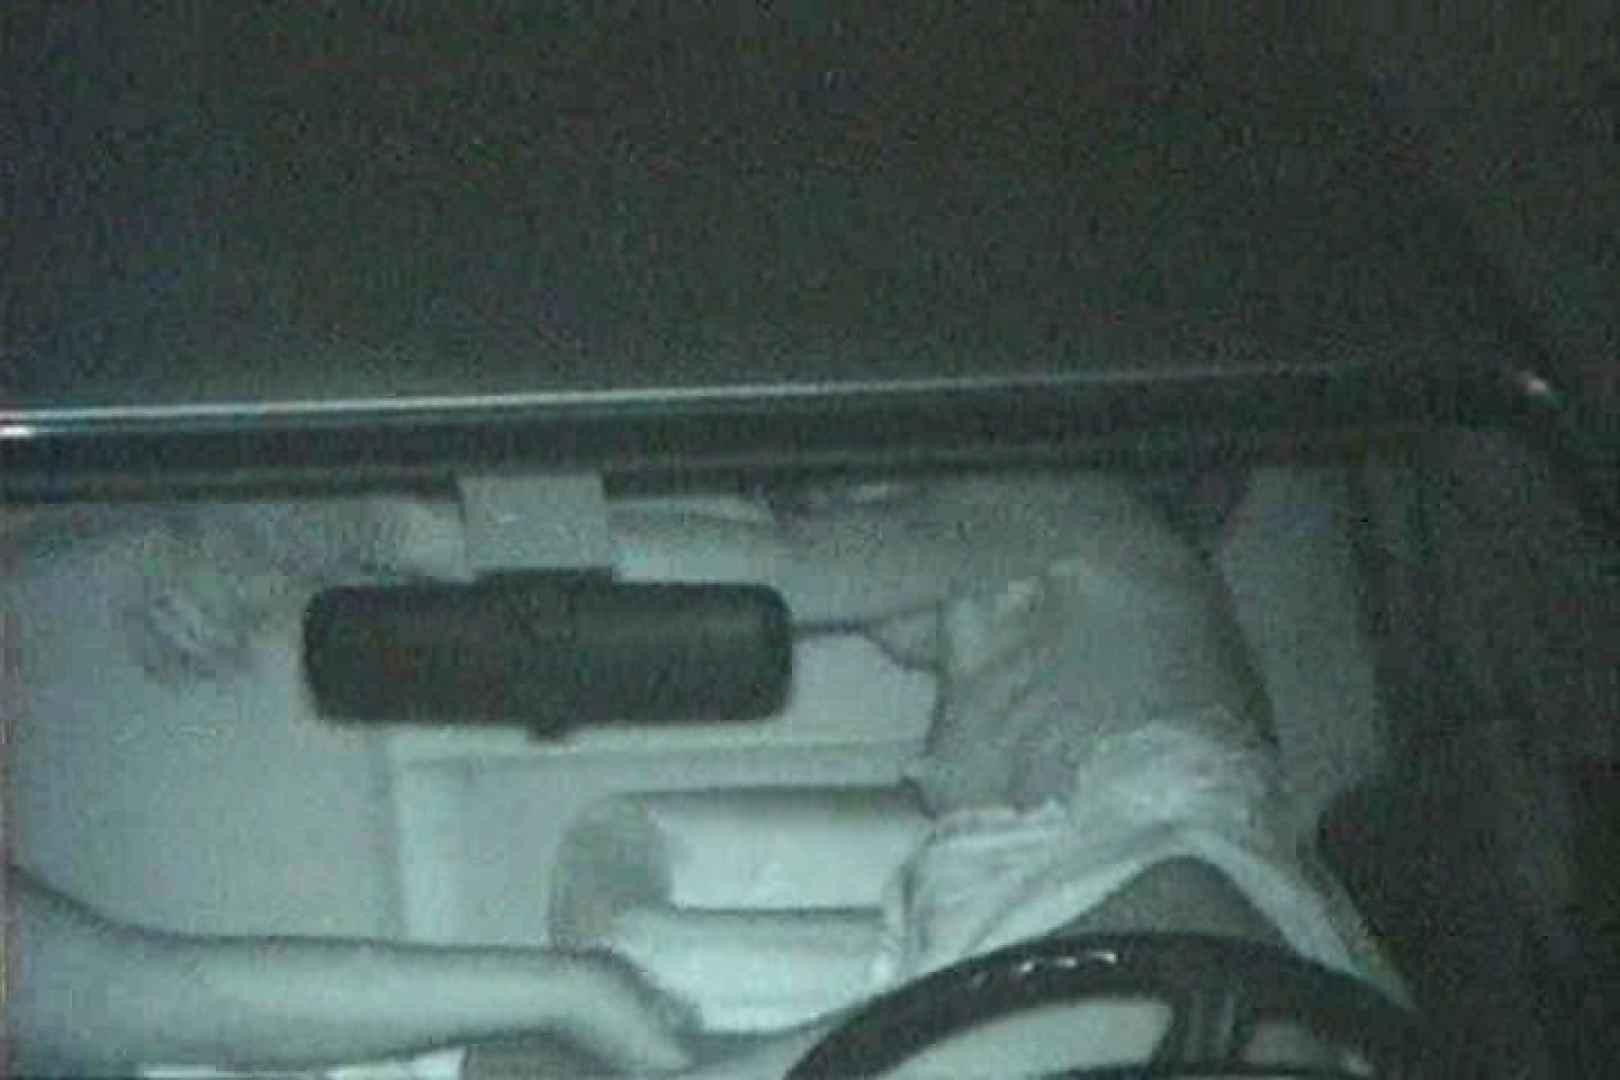 車の中はラブホテル 無修正版  Vol.25 車 のぞき動画画像 40pic 13